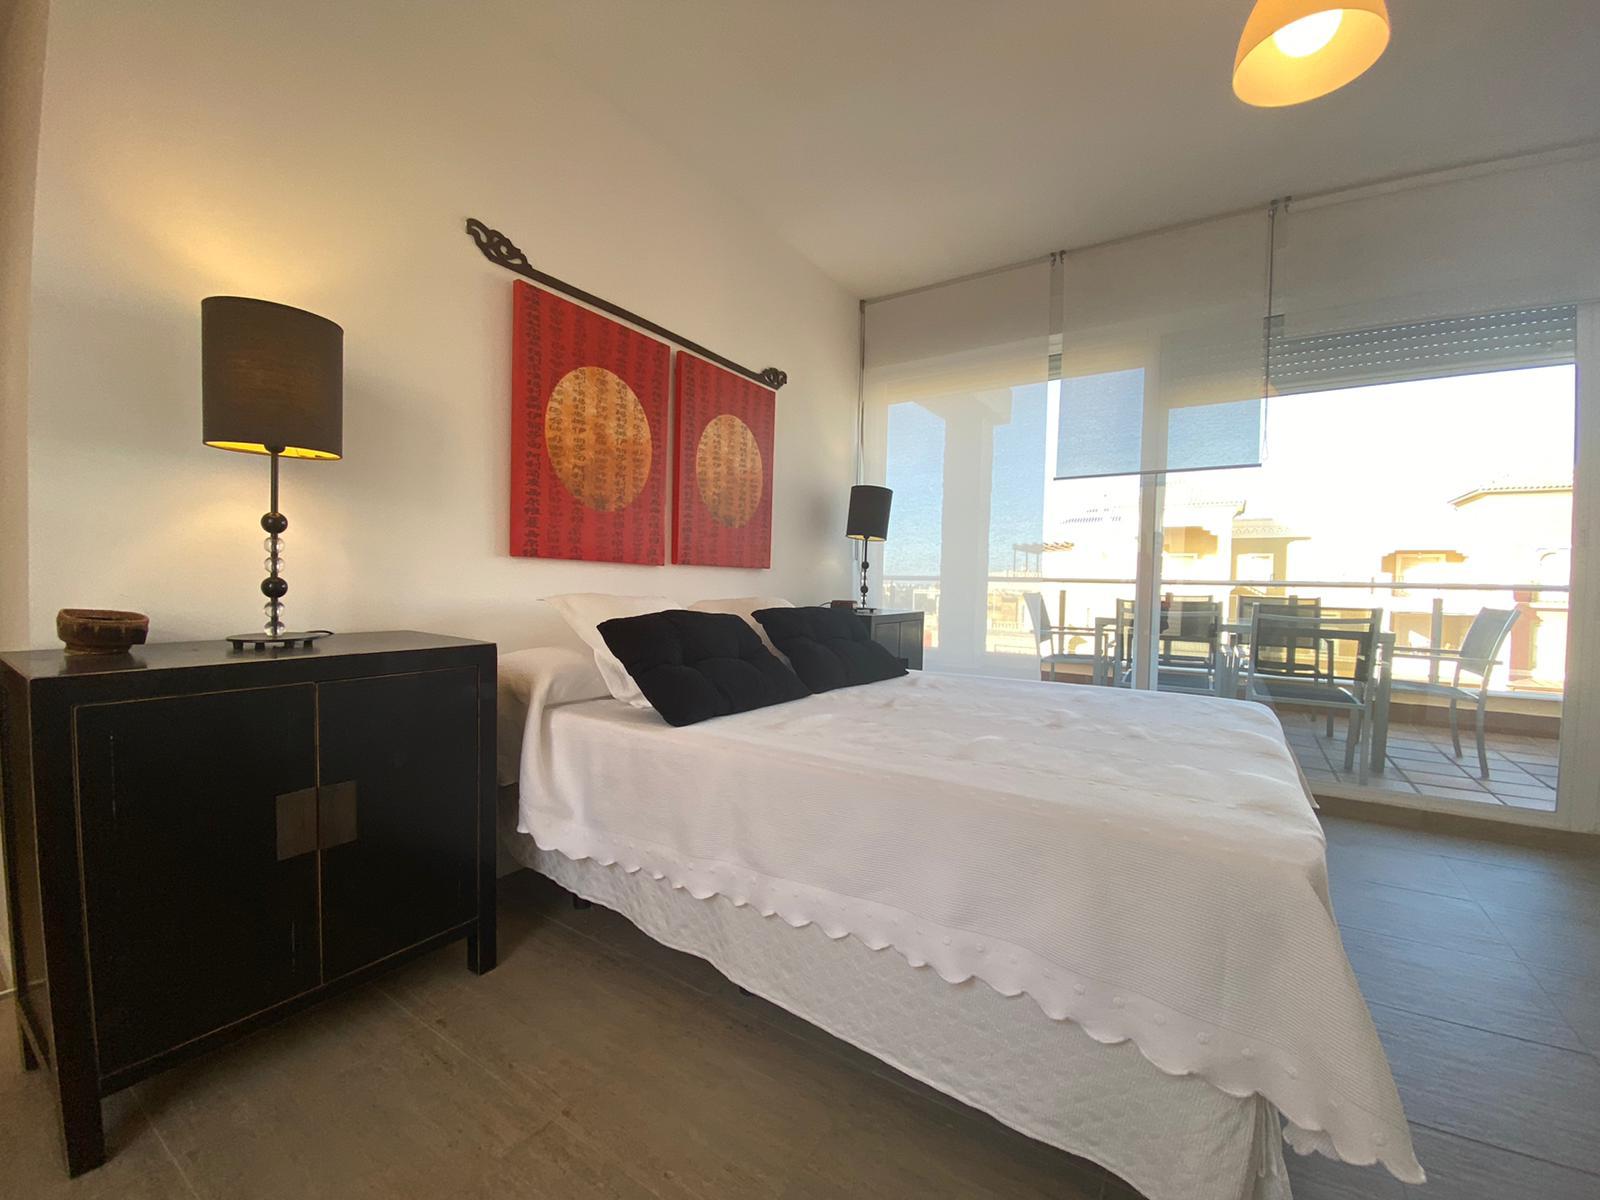 Imagen 26 del Apartamento Turístico, Ático 6 Levante (3d+2b), Punta del Moral (HUELVA), Paseo de la Cruz nº22